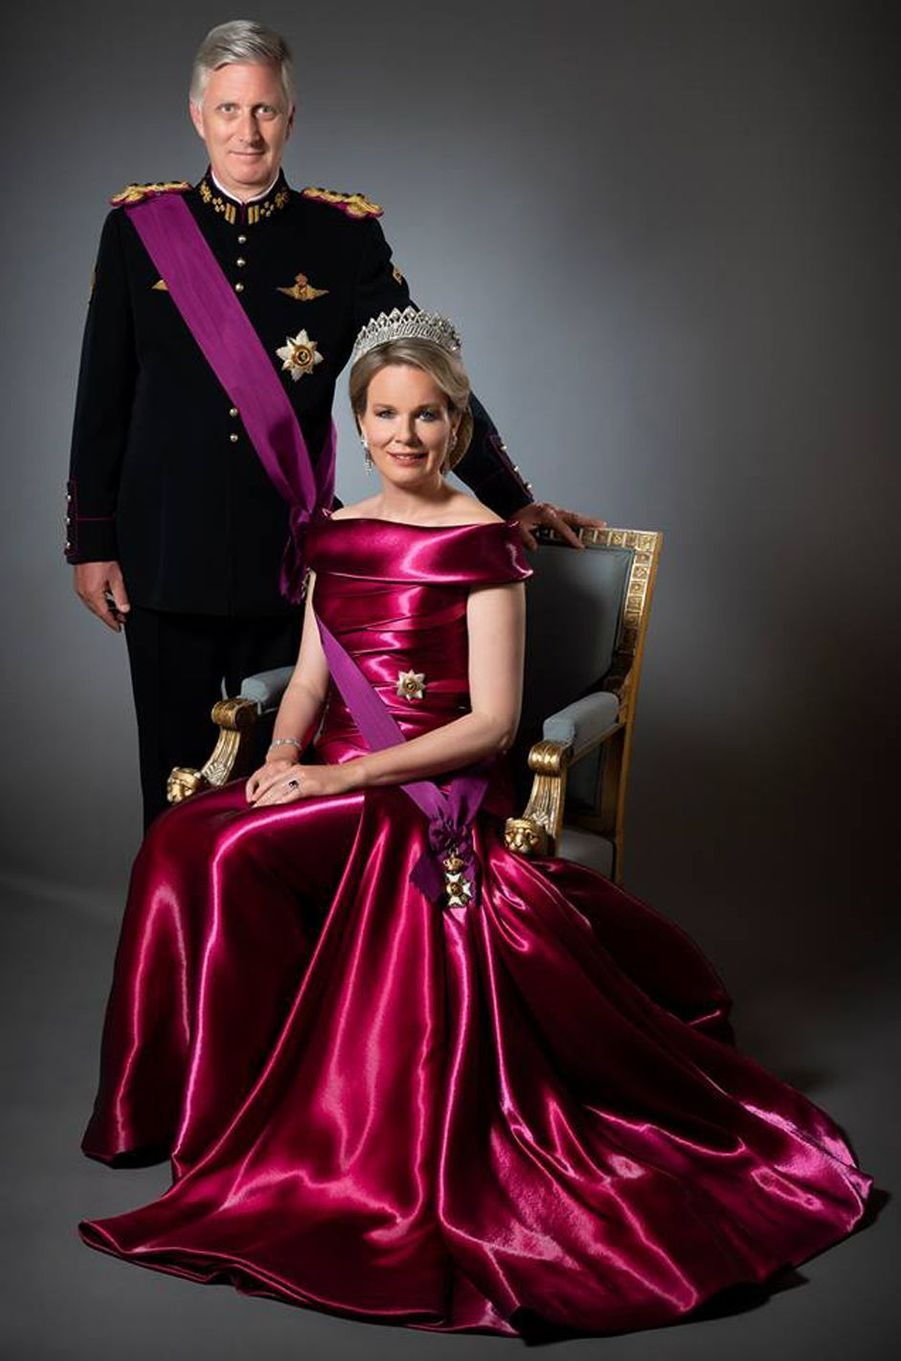 Nouveau portrait officiel de la reine Mathilde et du roi des Belges Philippe, dévoilé le 15 novembre 2018